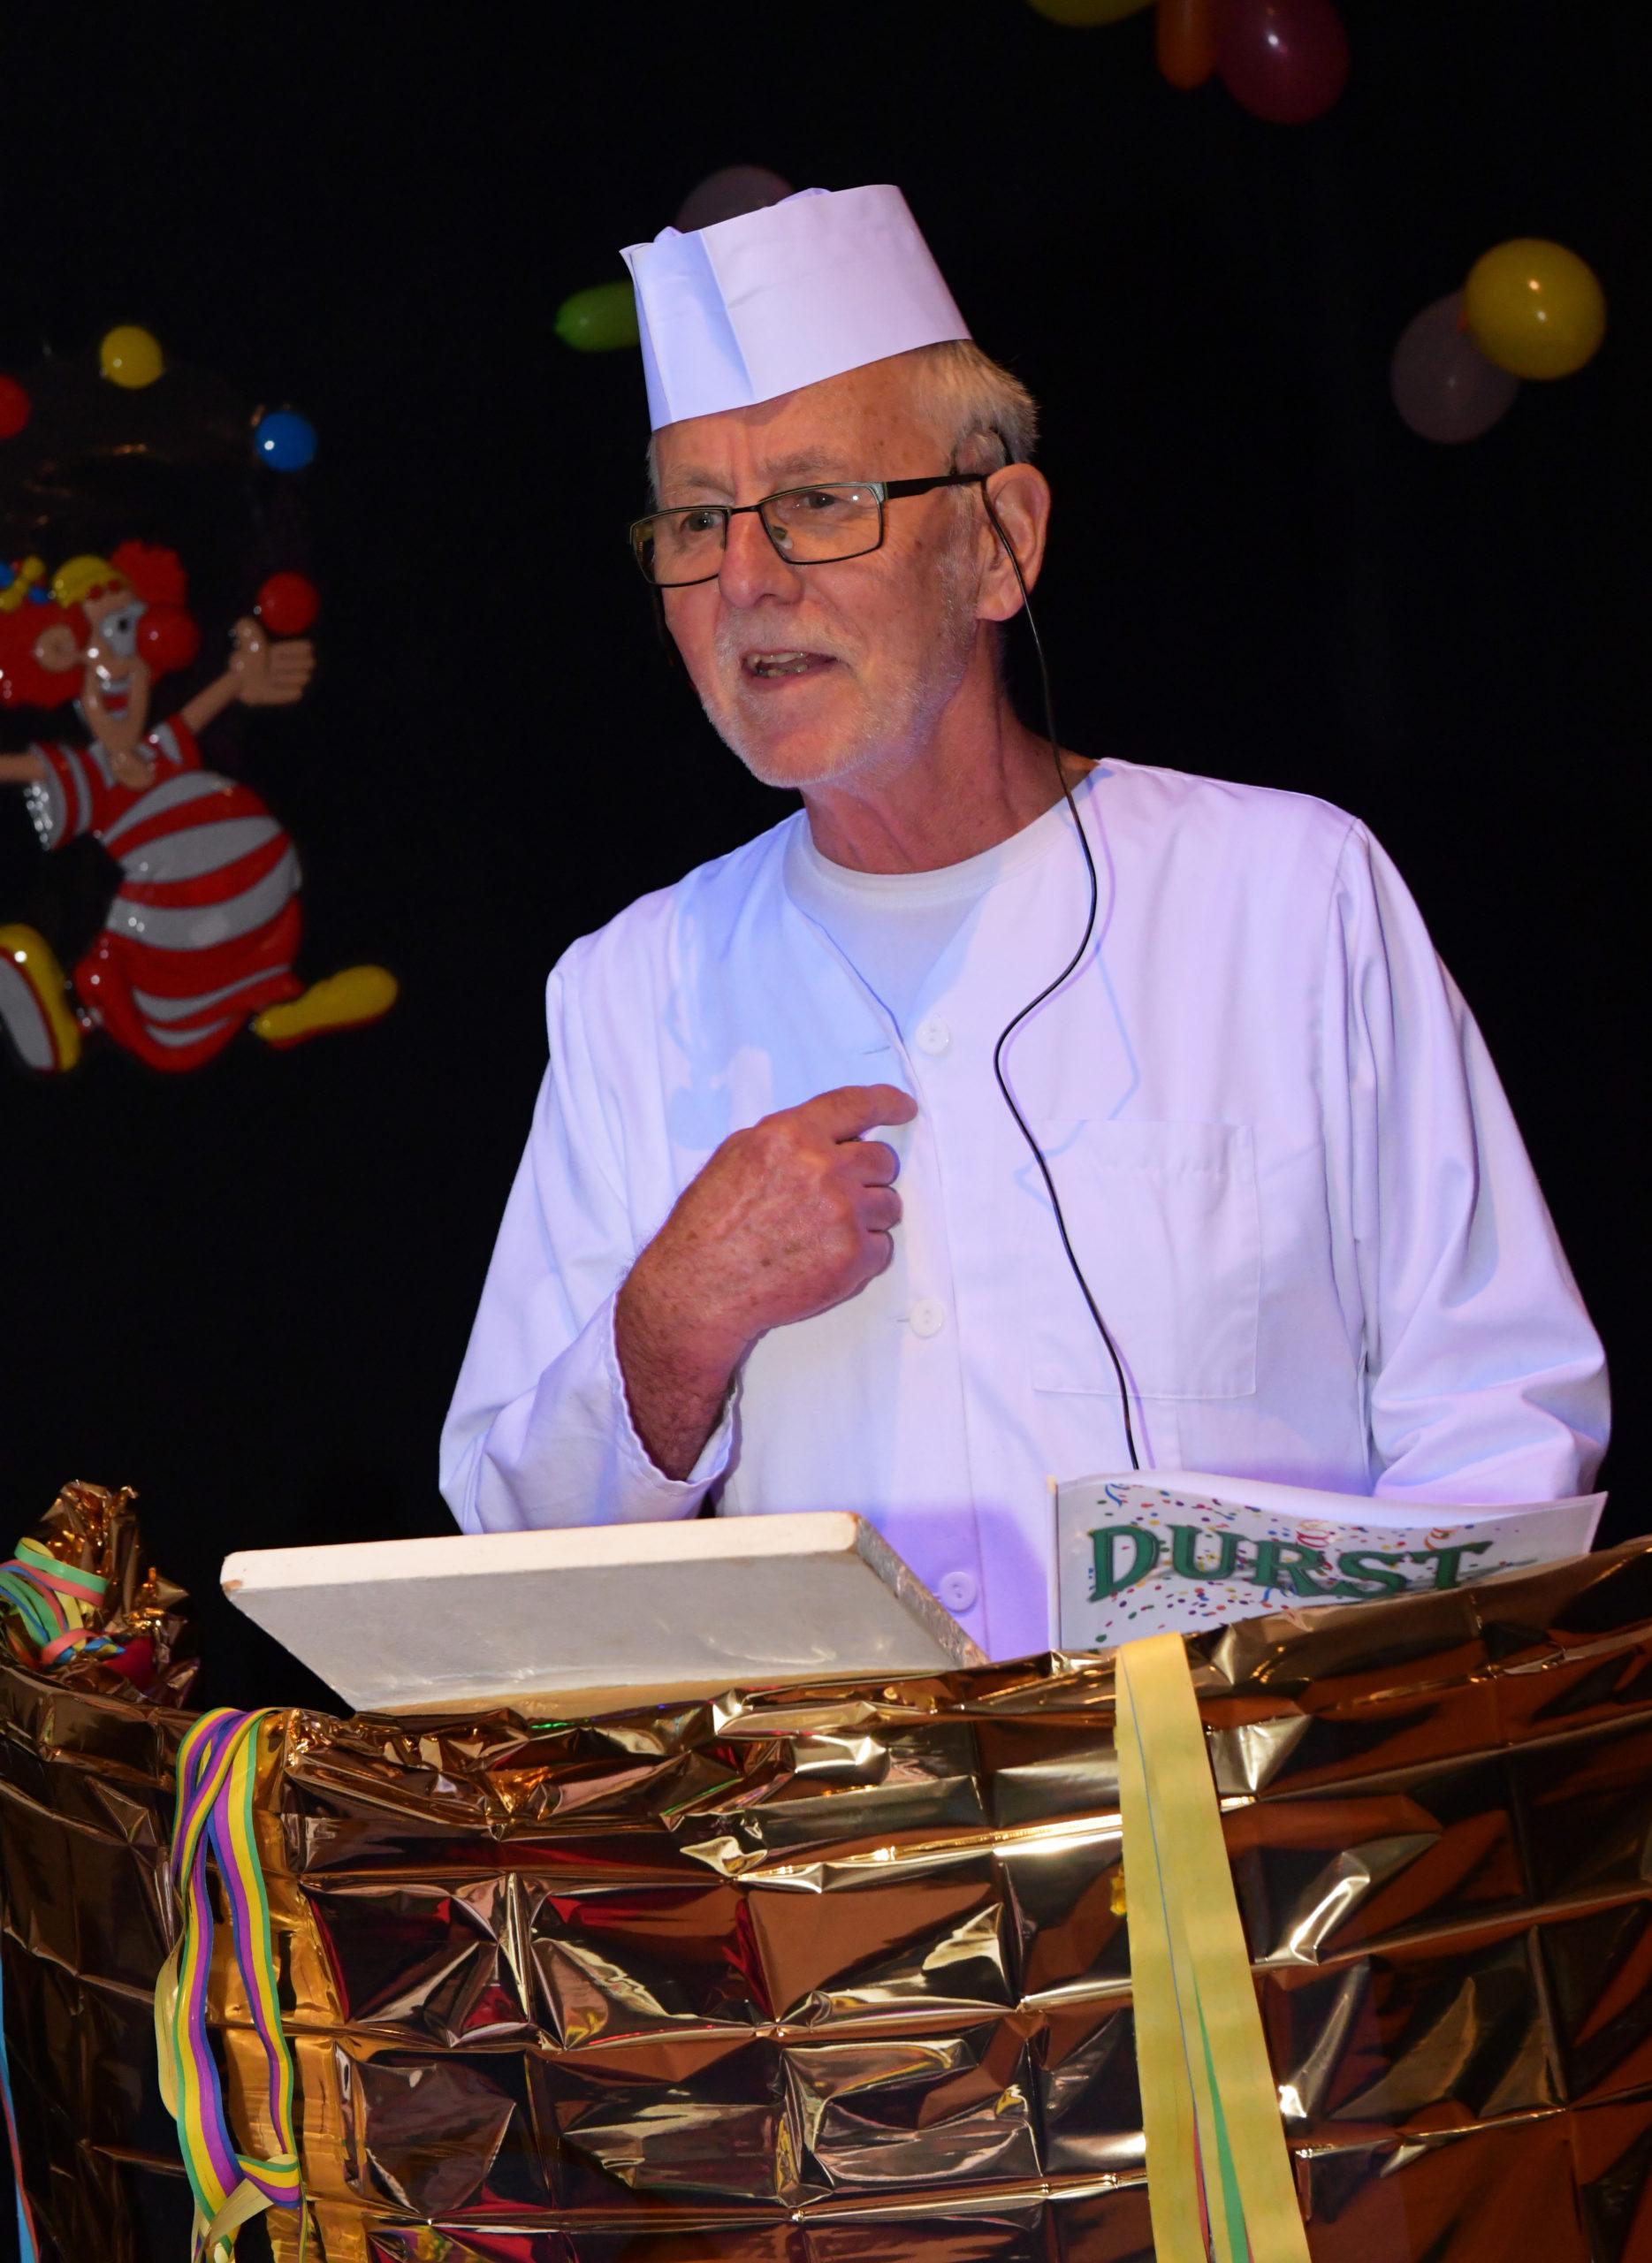 Dieter Höhle